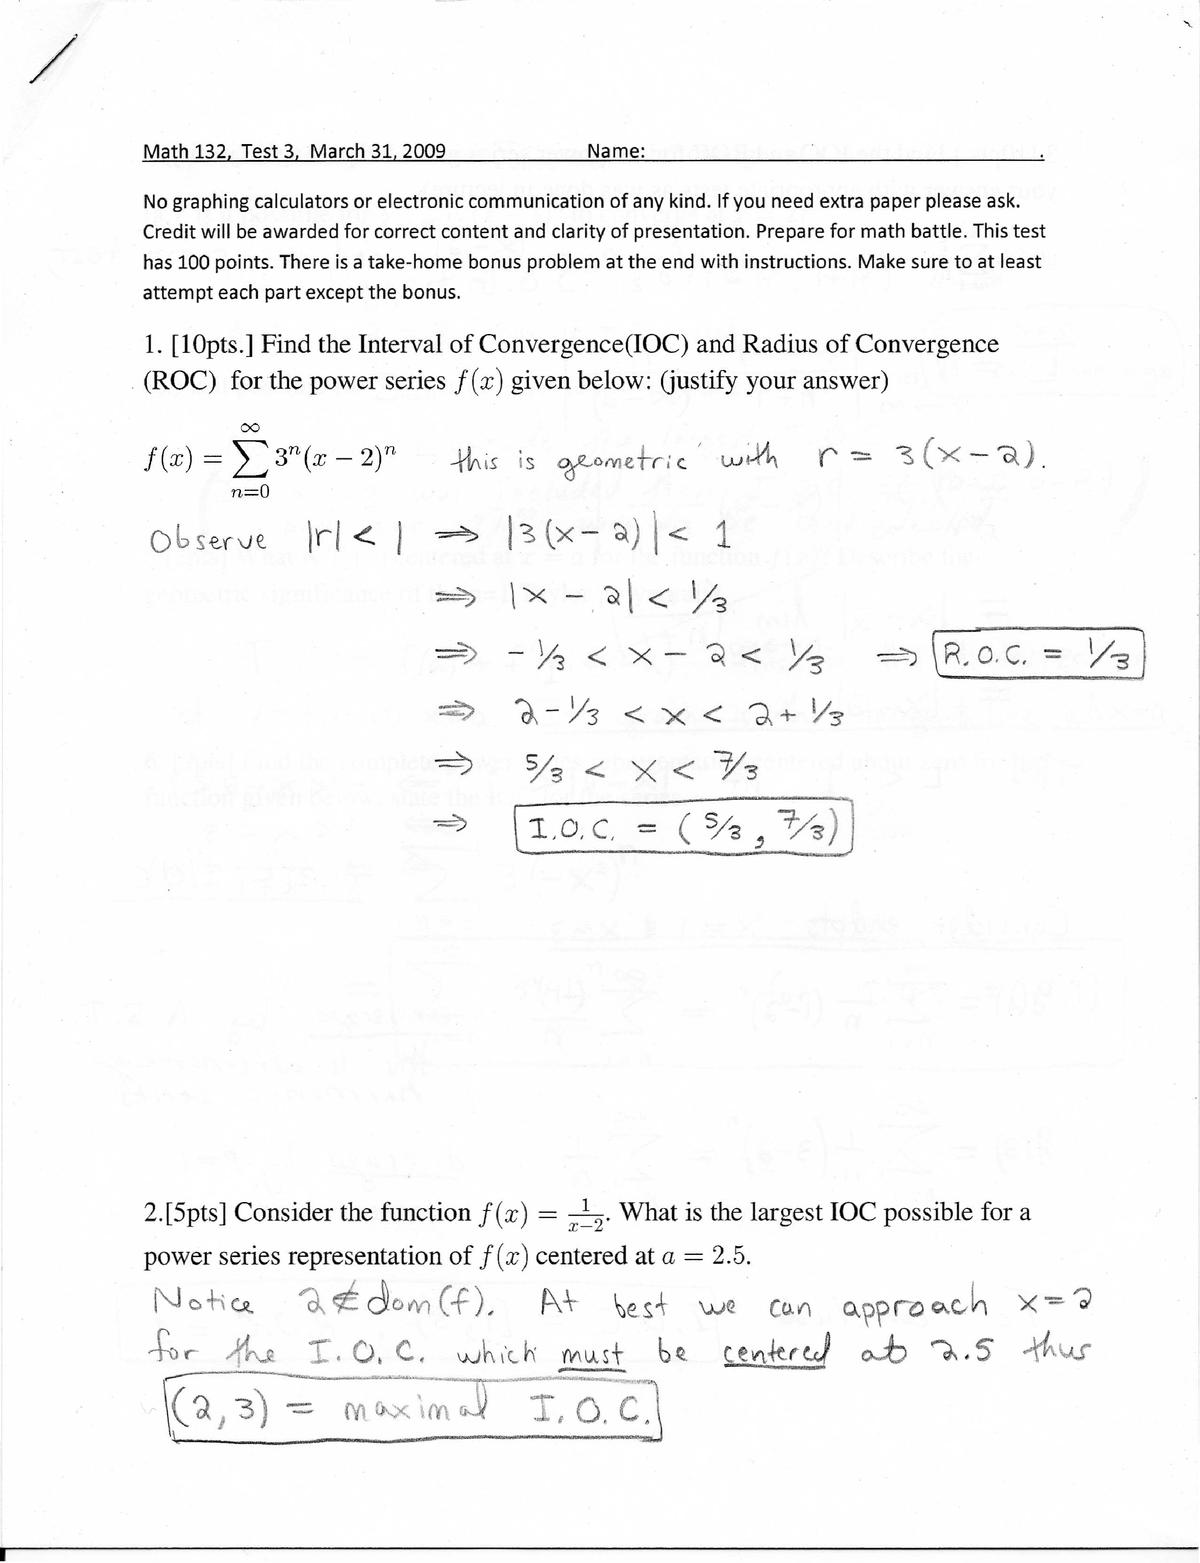 Exam 2009 - MATH 132: Calculus and Analytic Geometry II